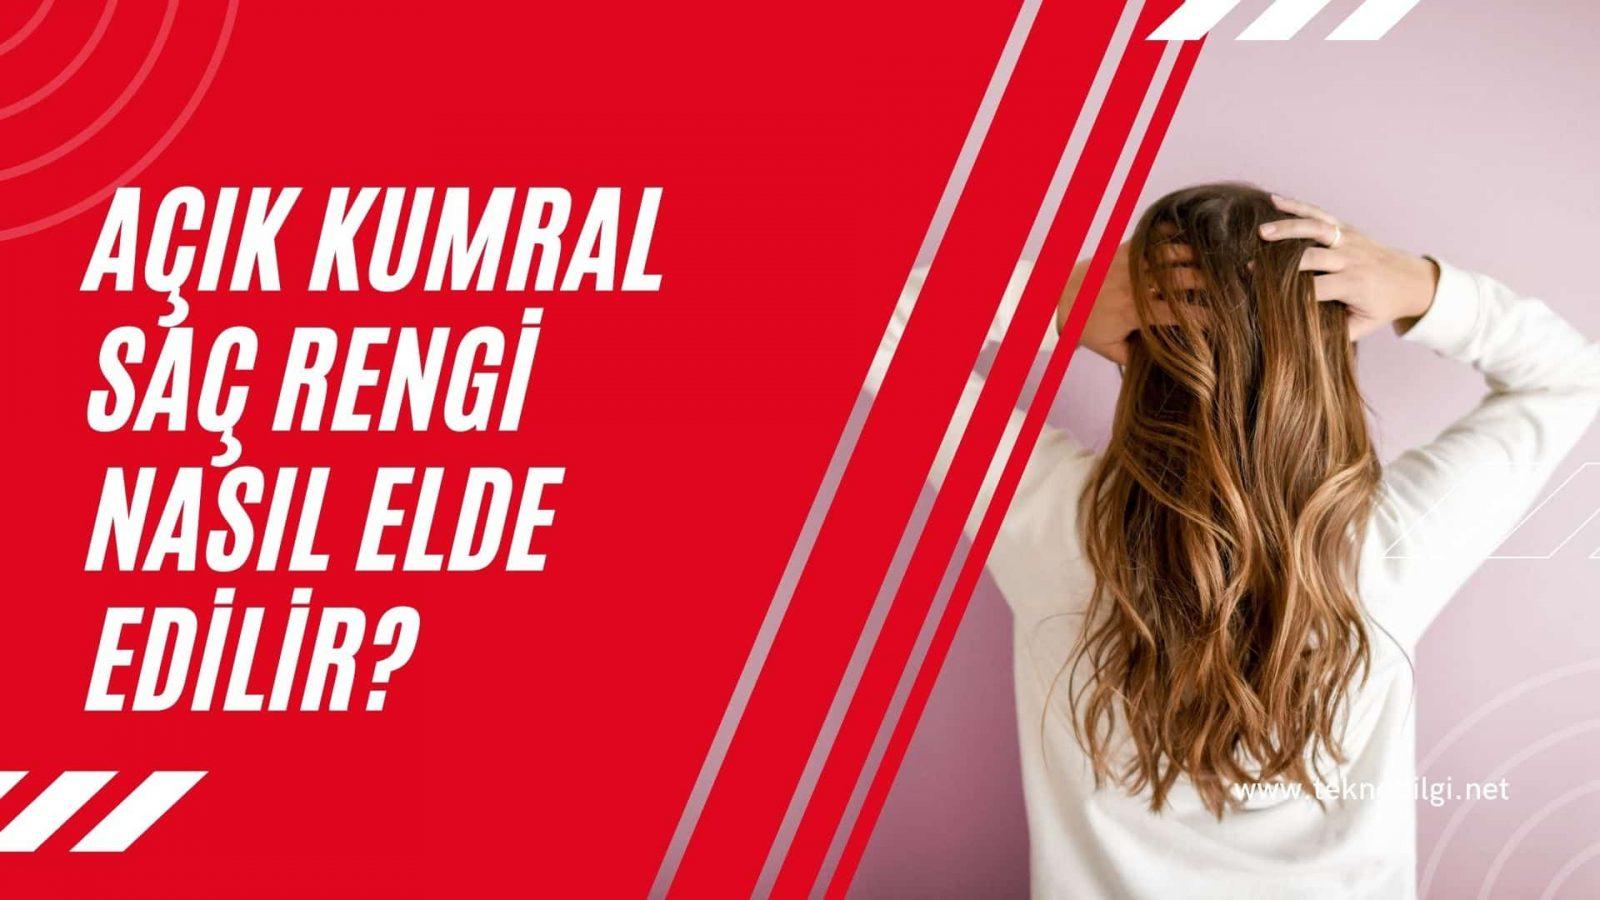 Açık Kumral Saç Rengi Nasıl Elde Edilir, Açık Kumral Saç Rengi Nasıl Elde Edilir ?